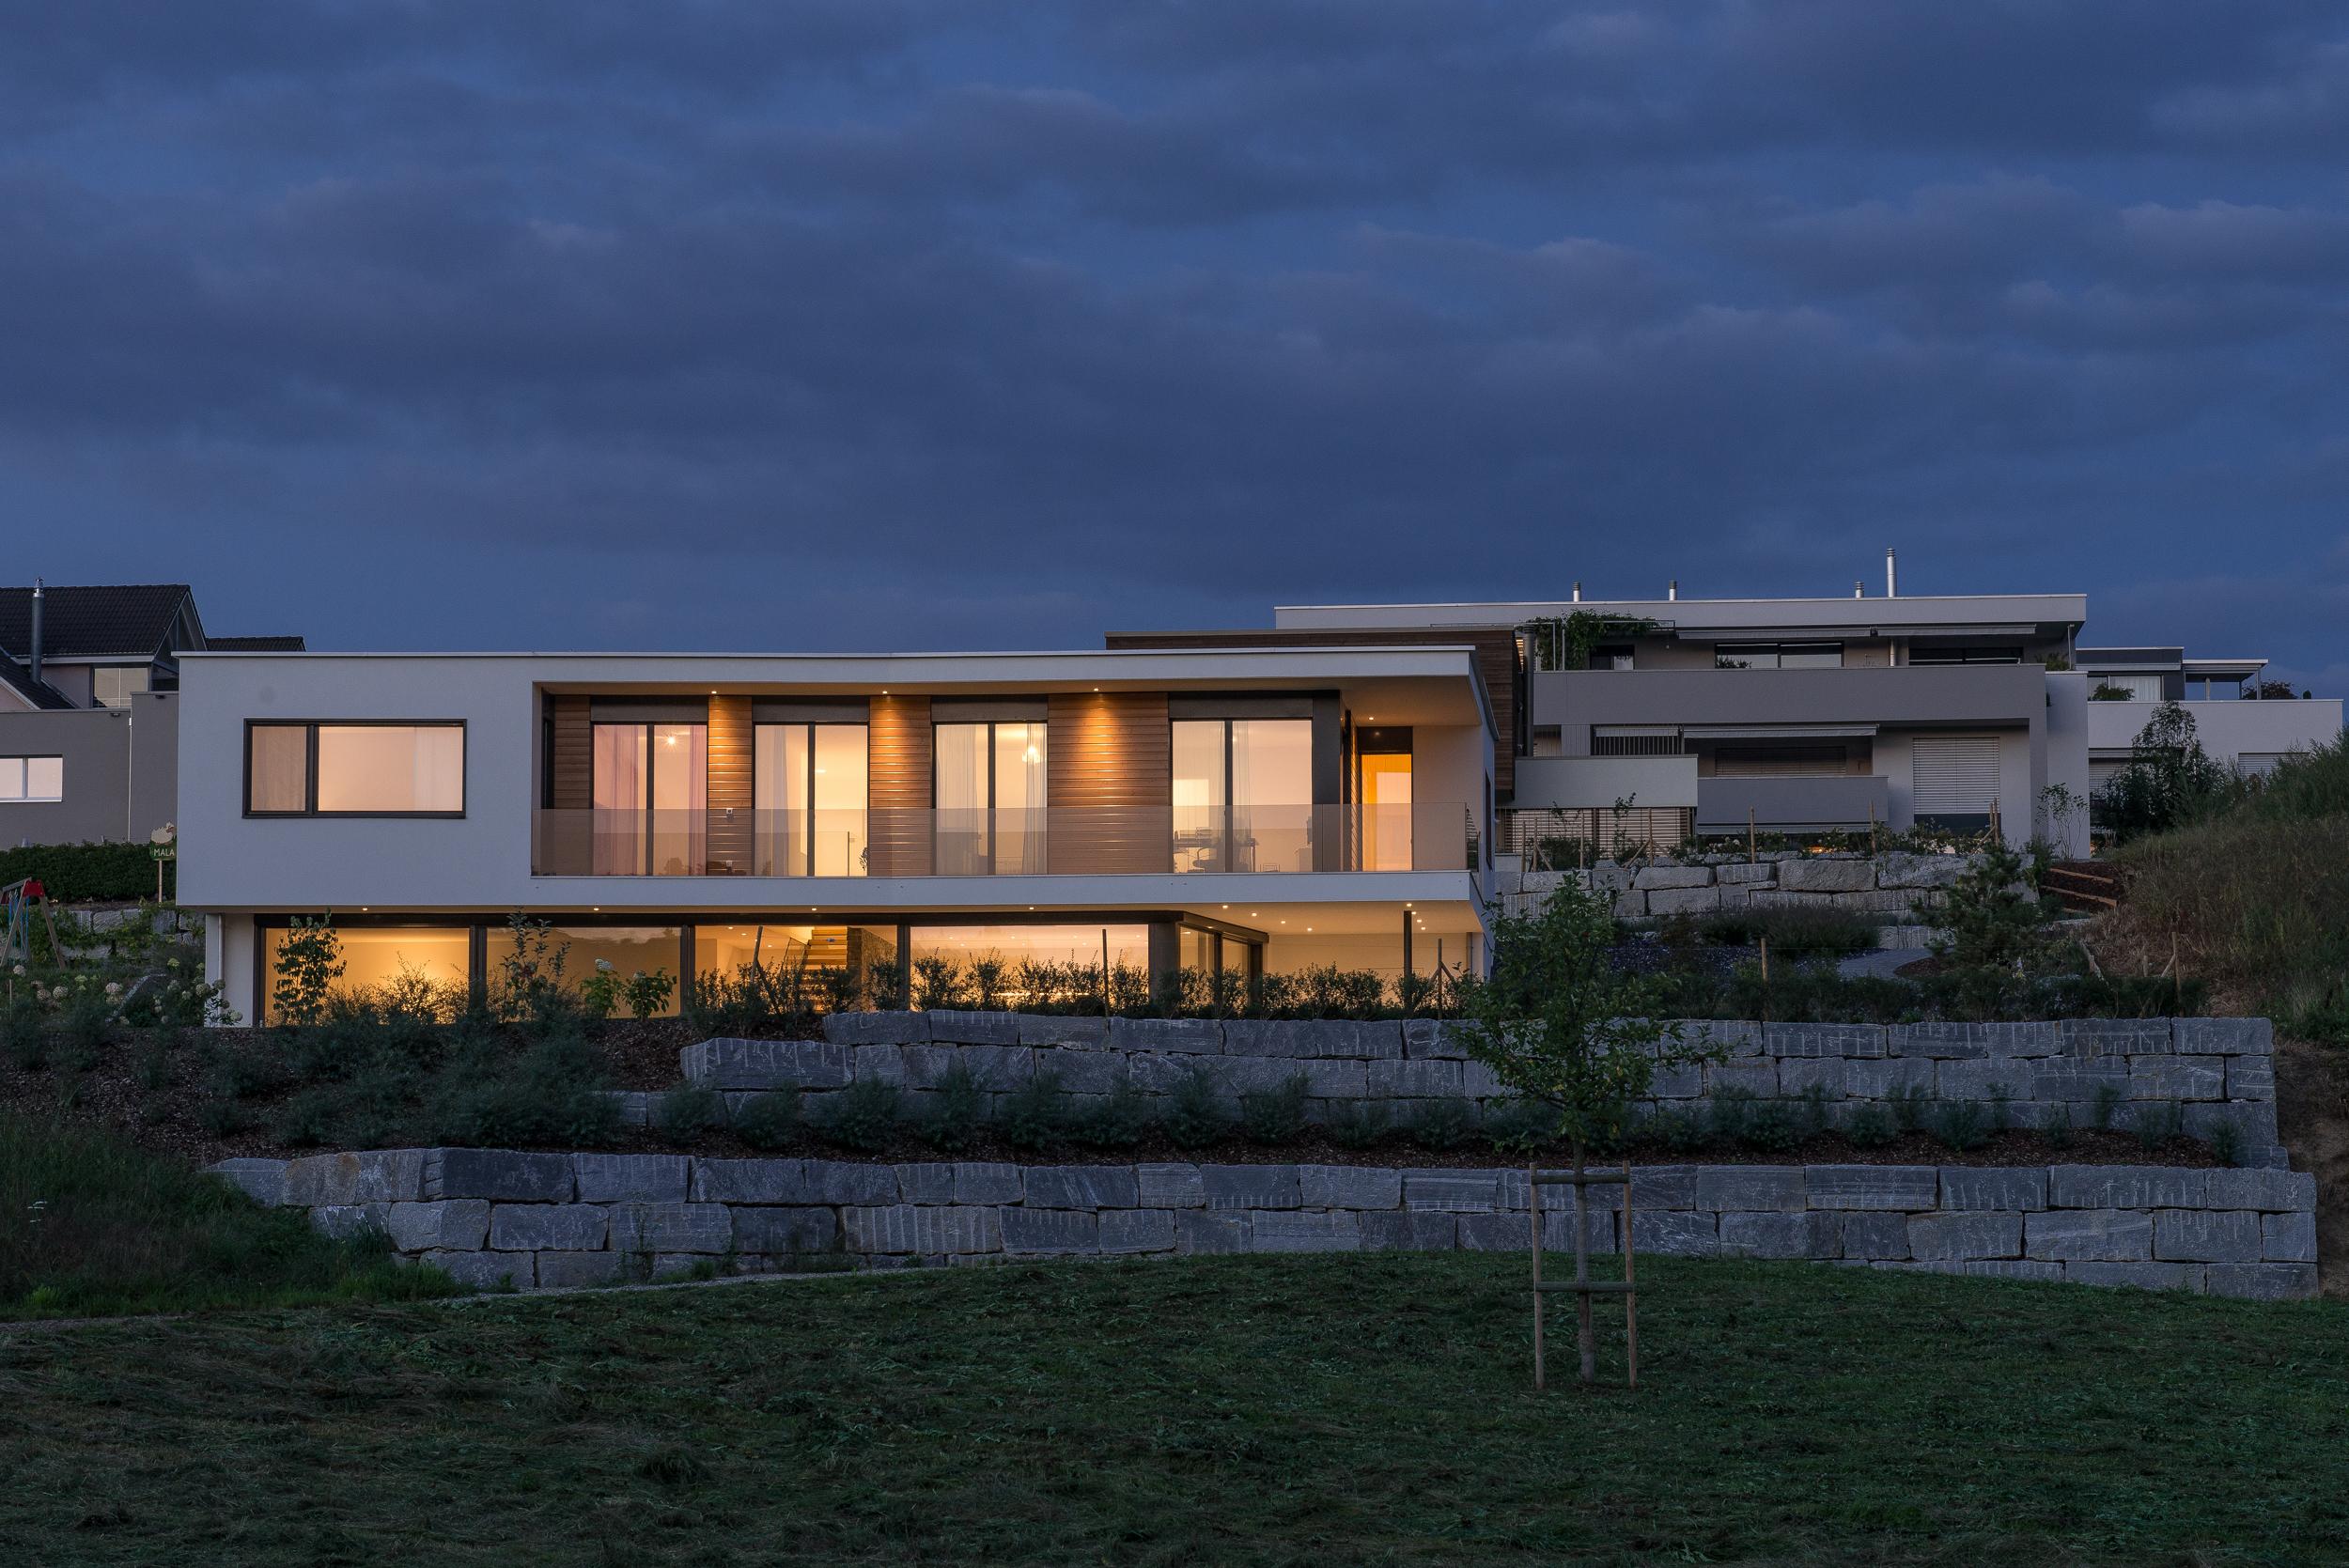 Architekturfotografie_Wohnbauten-9199.jpg